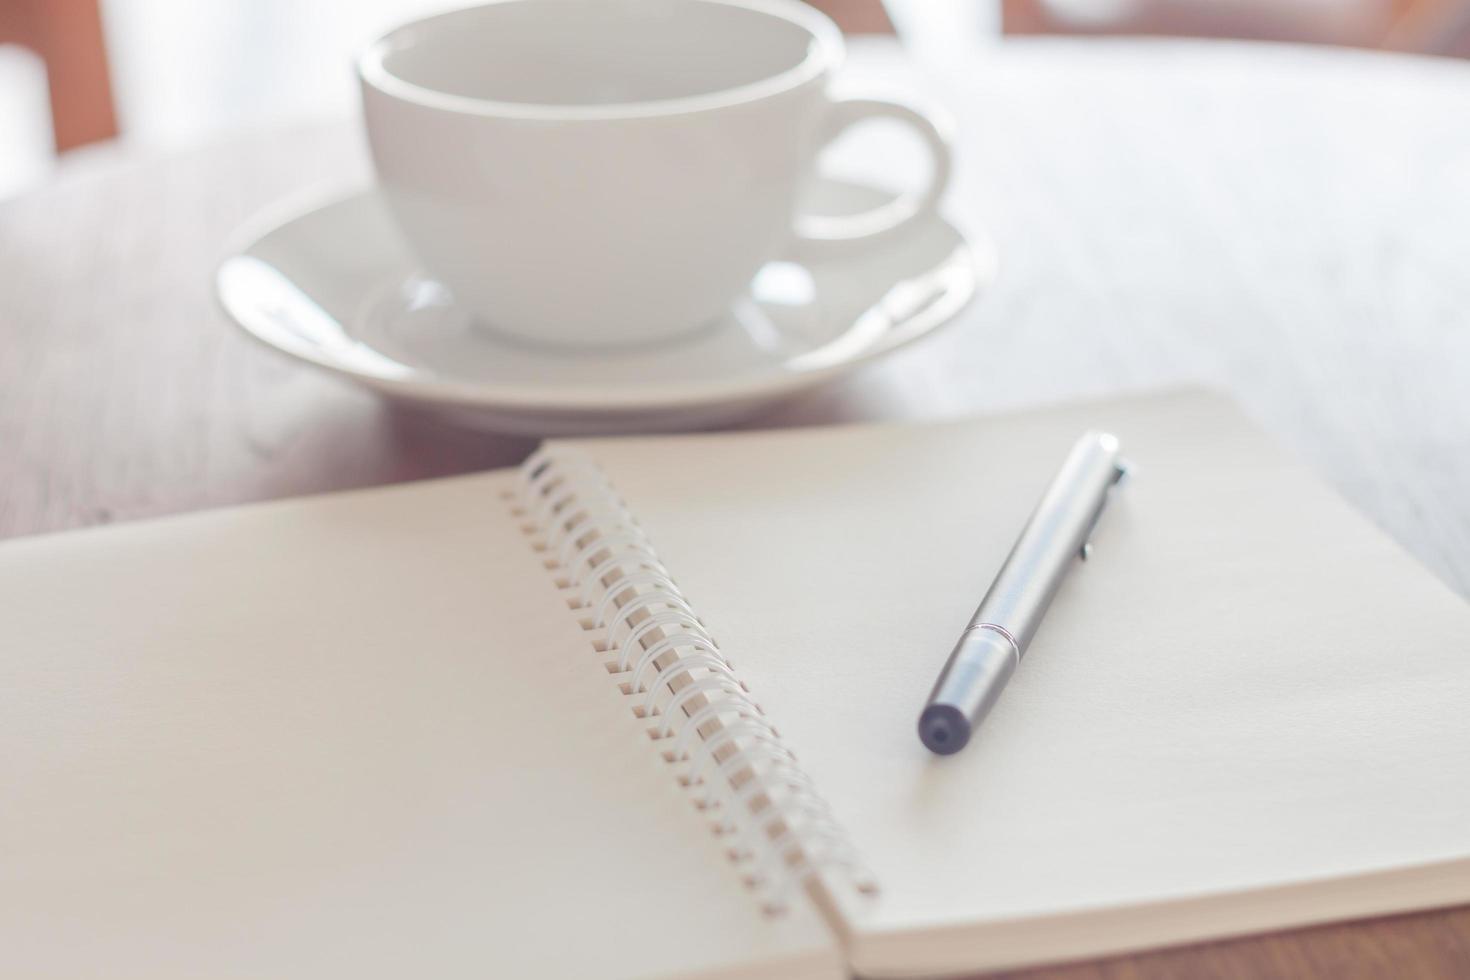 notitieboekje en pen in een café foto